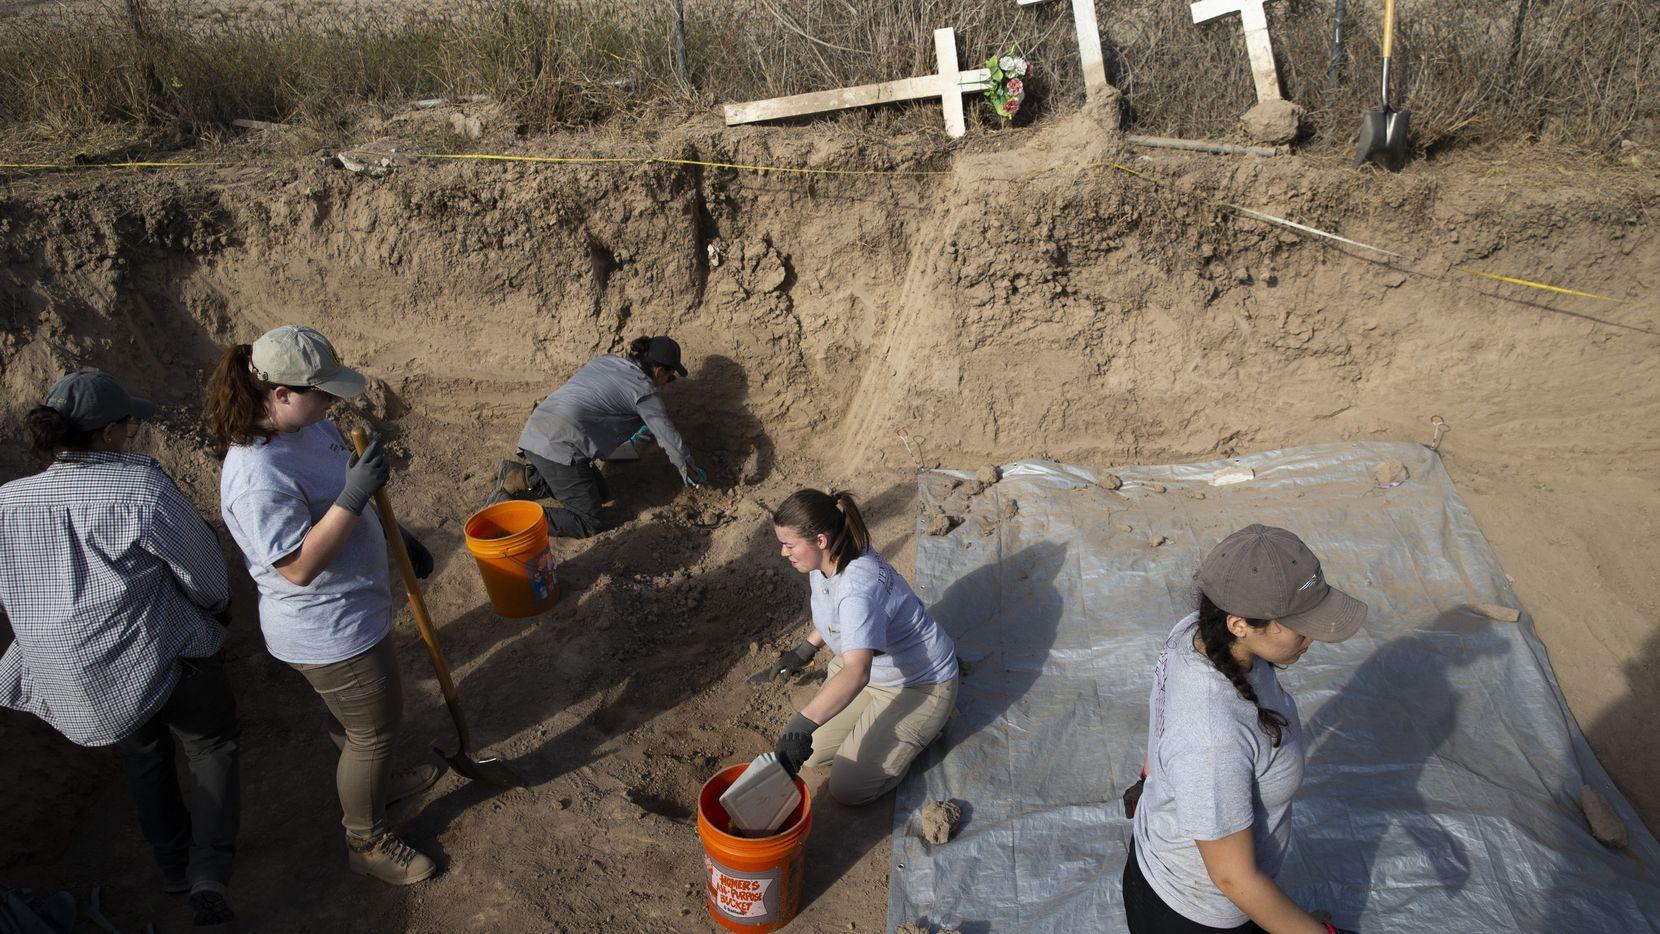 Estudiantes de antropología de Texas State University ayudan a exhumar cuerpo no identificados de inmigrantes fallecidos en su intento por llegar a Estados Unidos en La Grulla, Texas.